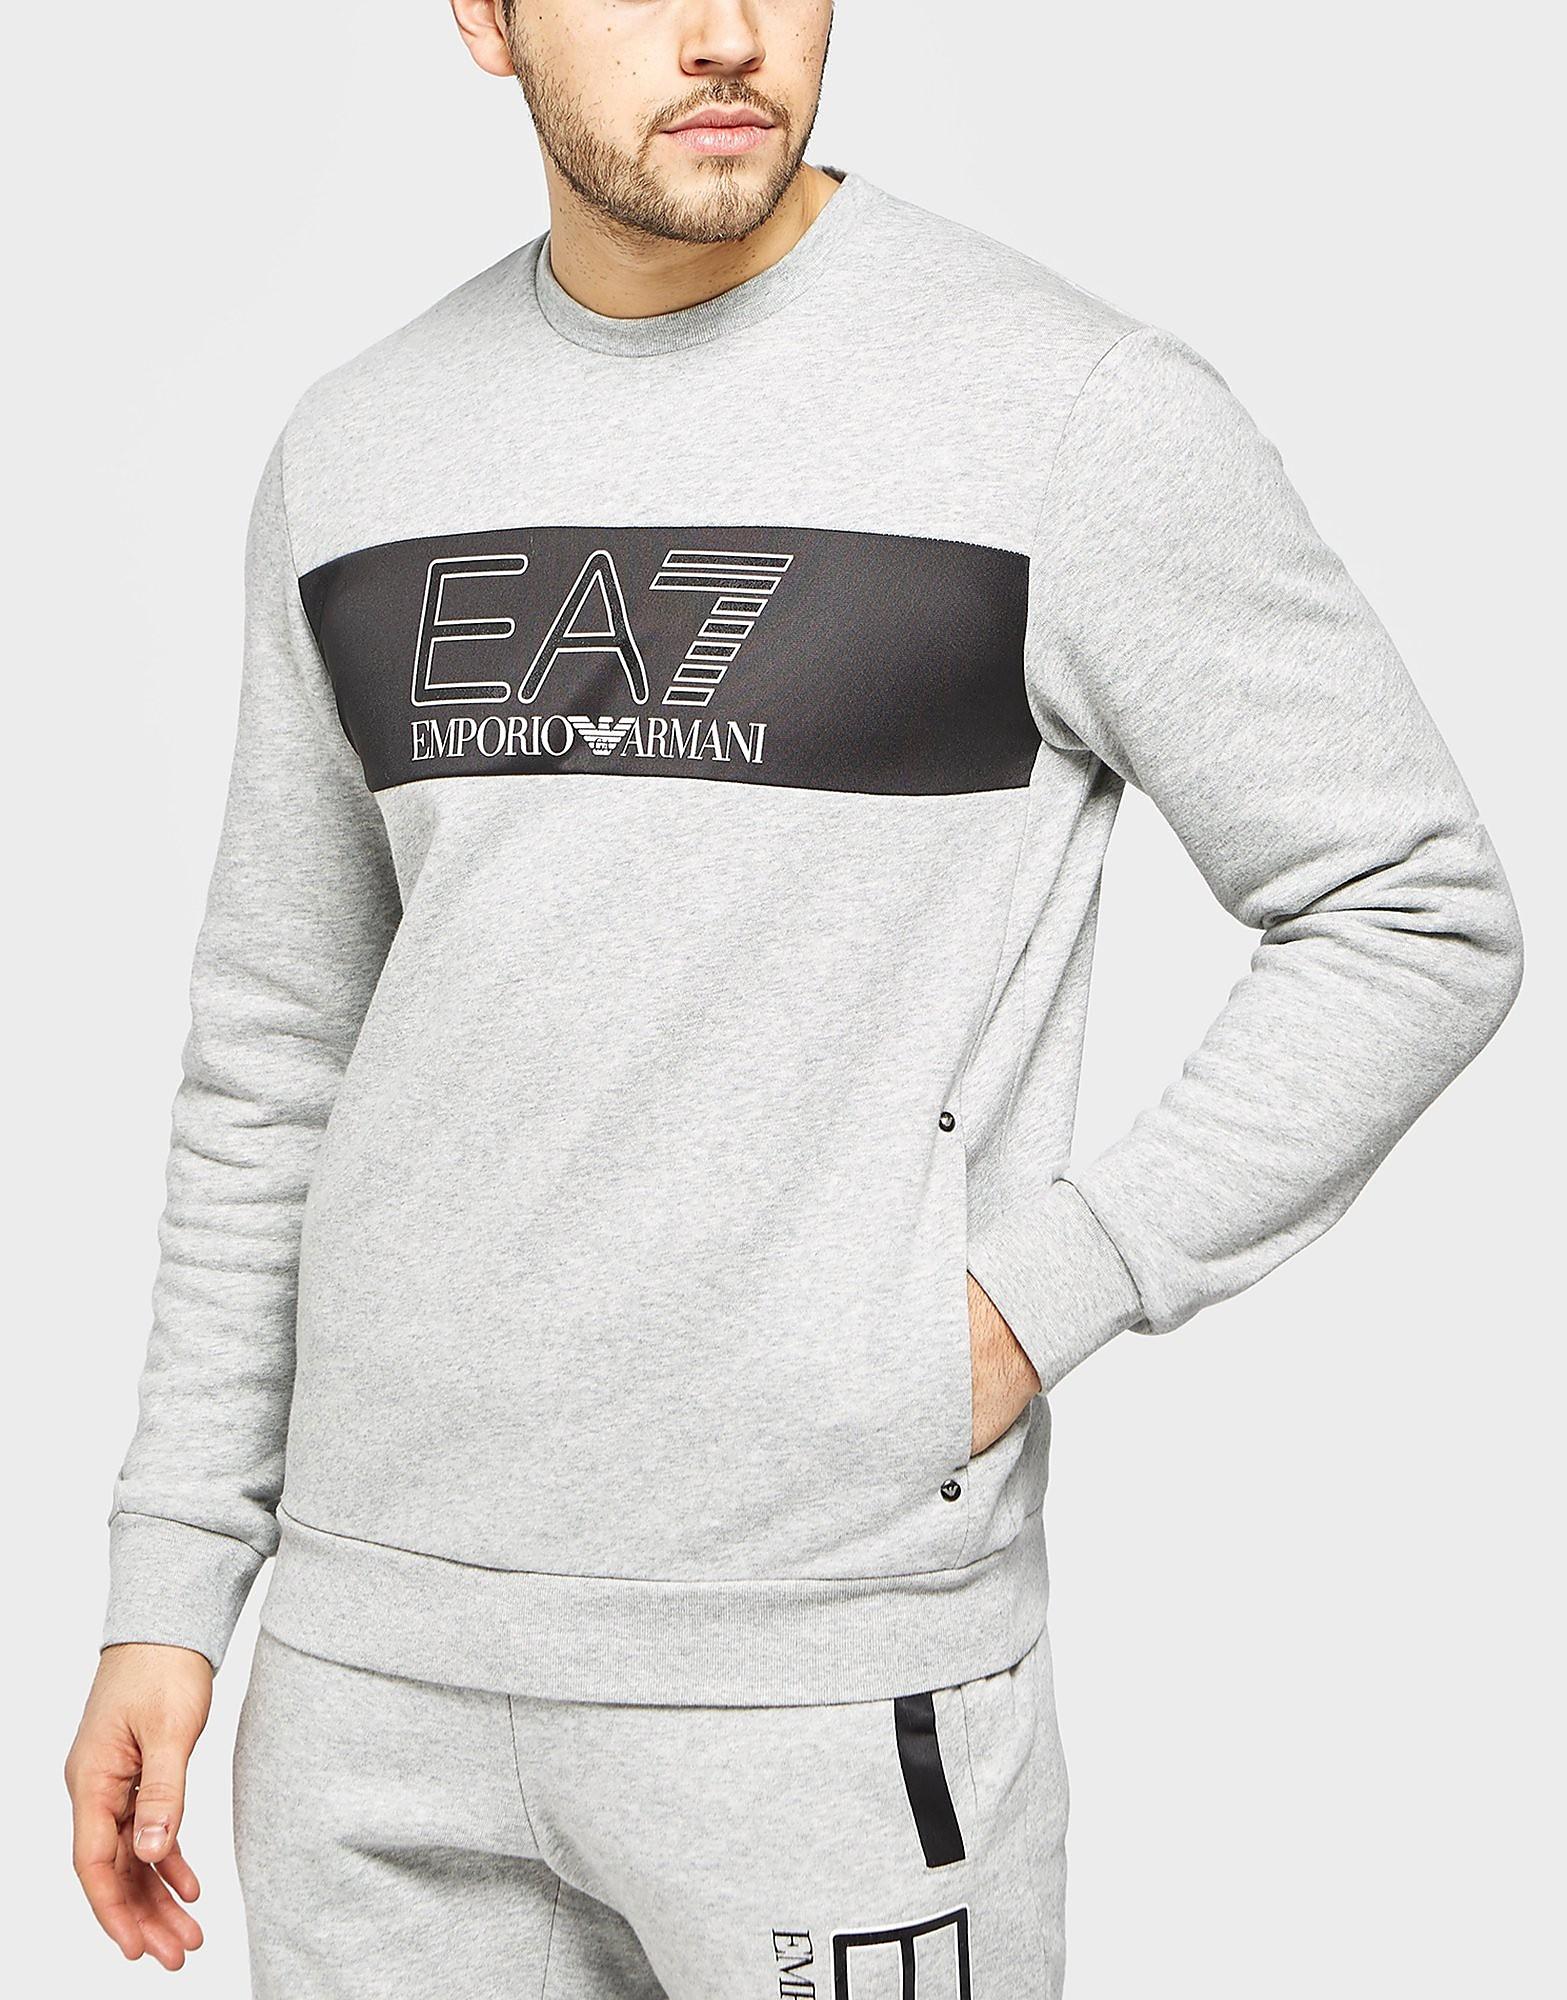 Emporio Armani EA7 Crew Seatshirt - Exclusive